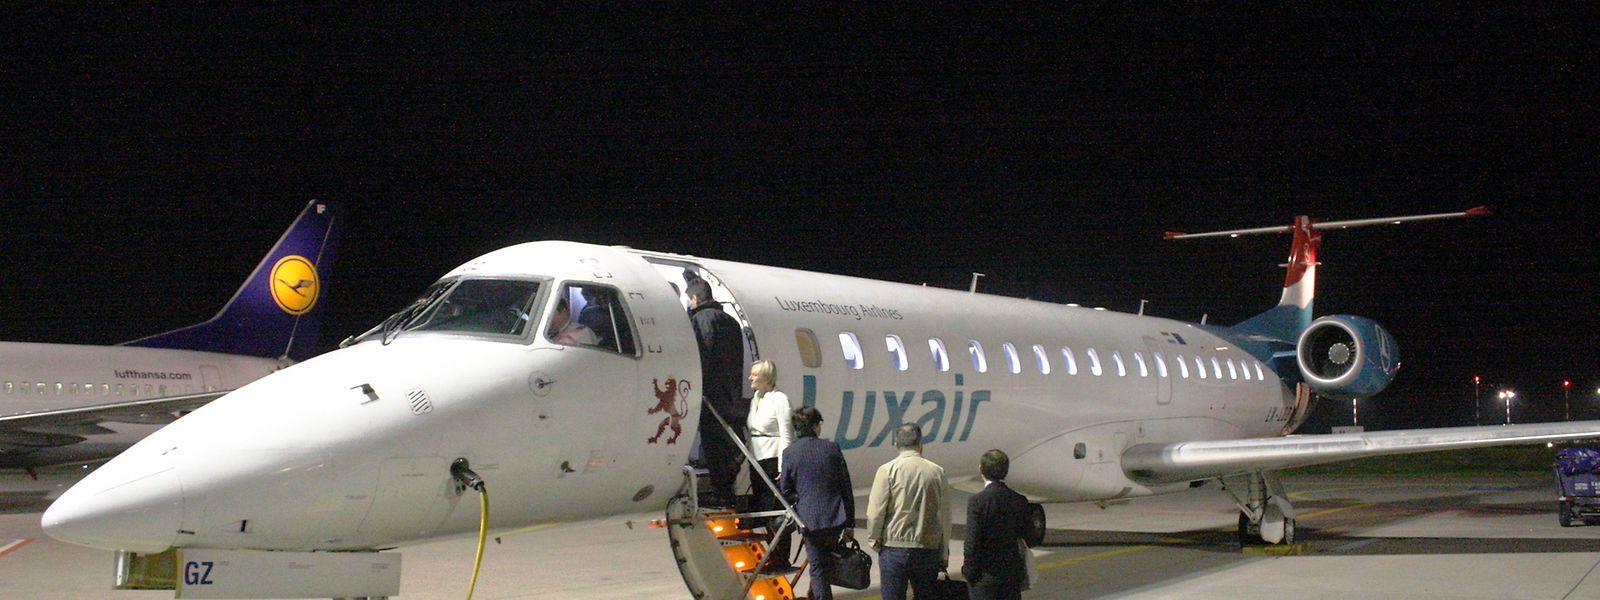 Letzter Aufruf: Die Luxair-Embraer 145 LX-LGZ führte den letzten regulären Luxair-Flug zwischen dem Findel und dem Rhein-Main-Airport durch.